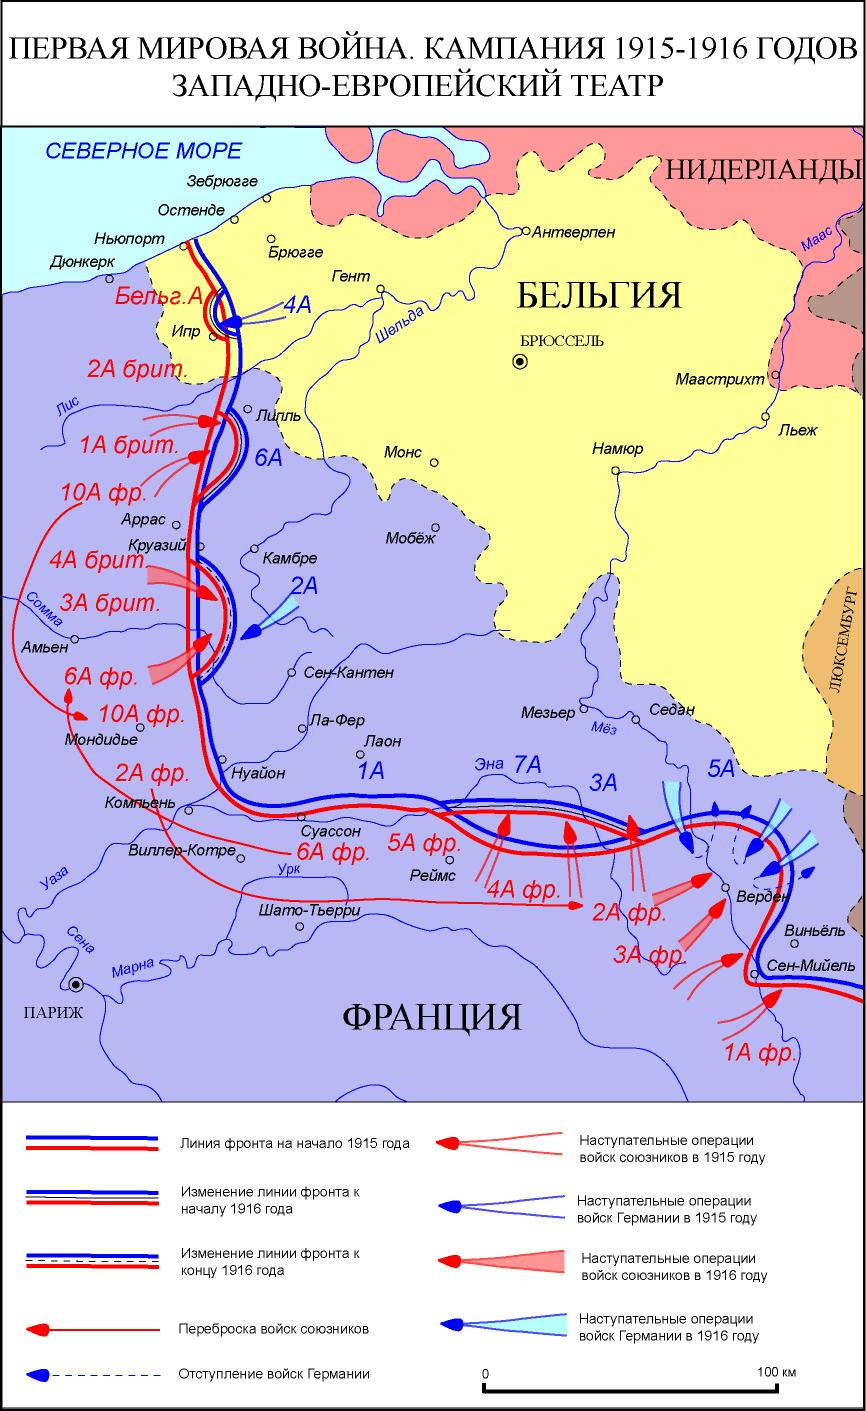 Германия в Первой мировой войне Википедия Западный фронт Карта кампании 1915 1916 годов